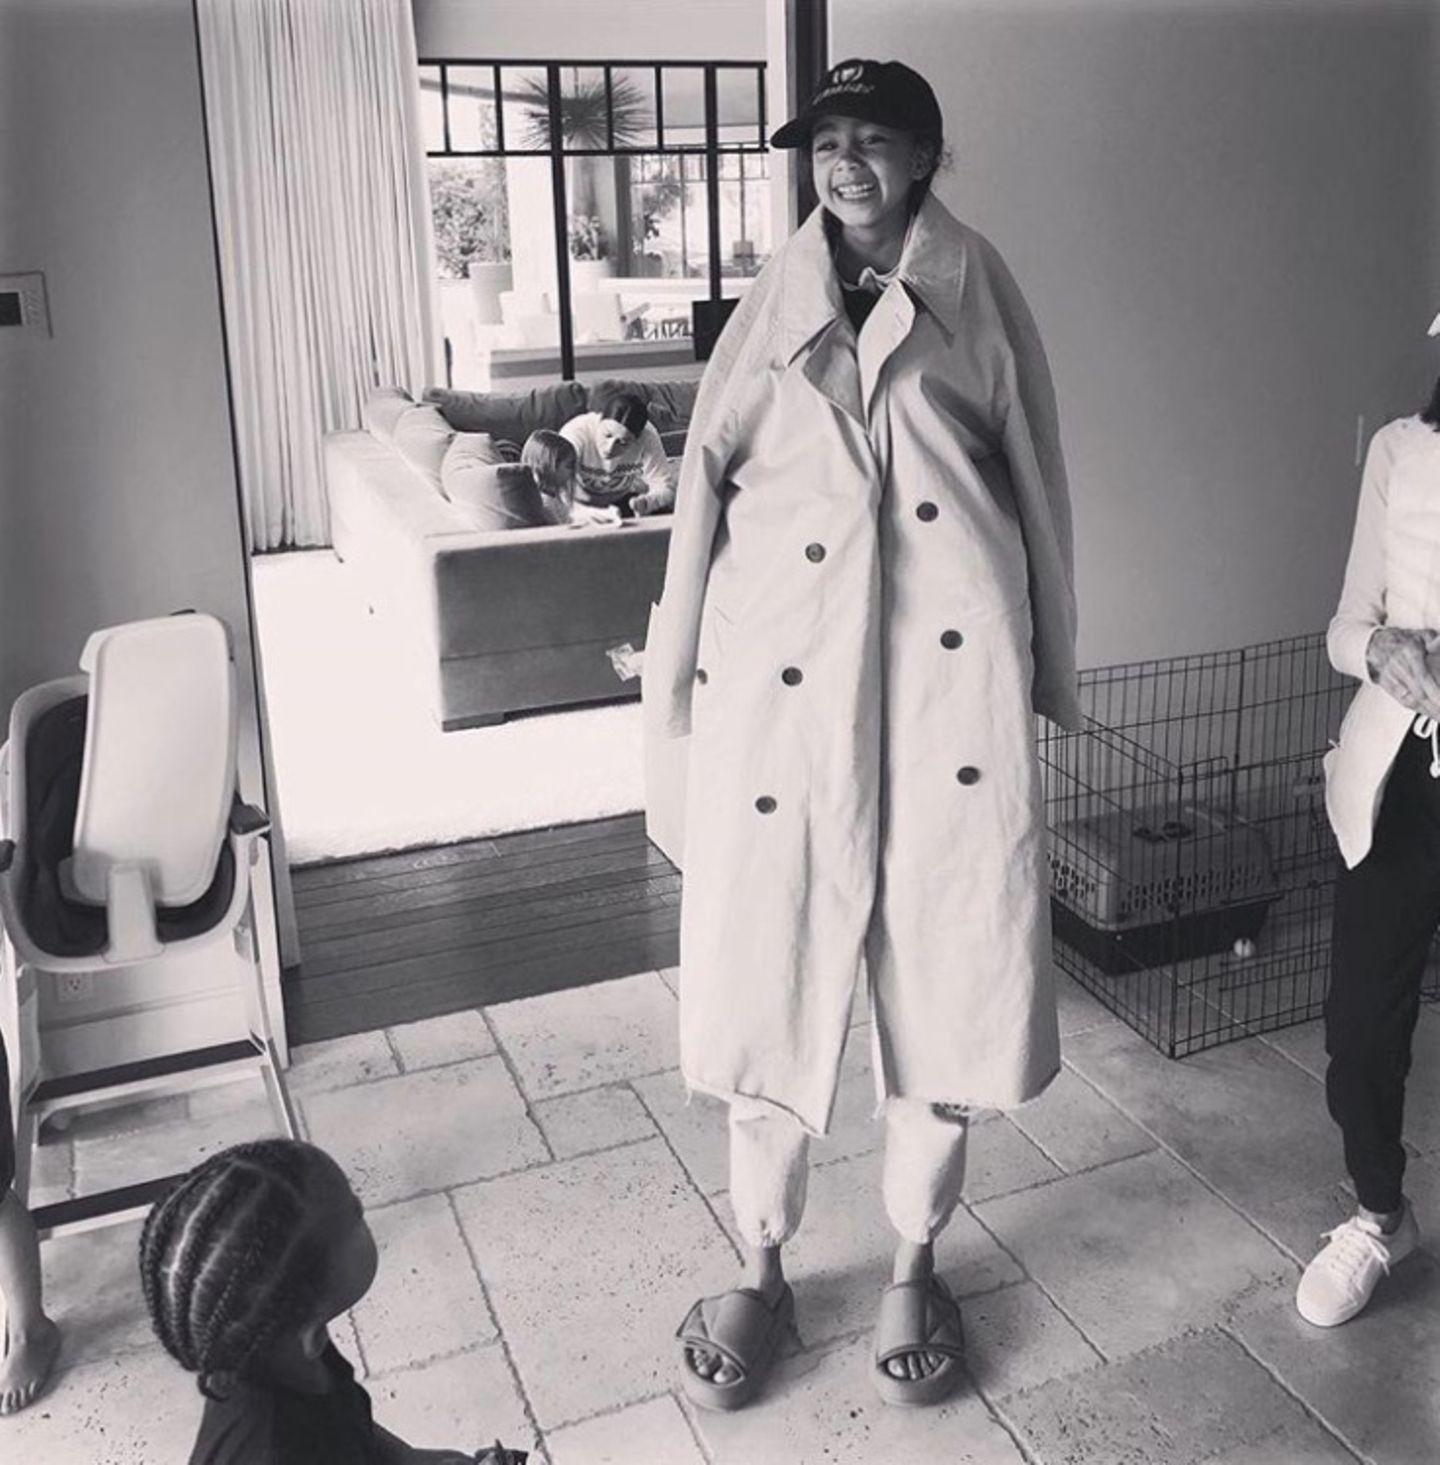 North West ist plötzlich groß wie eine Erwachsene. Kim Kardashian bringt ihre Tochter zum Lachen, als sie die Kleine auf ihre Schultern setzt und sich unter dem Mantel versteckt.